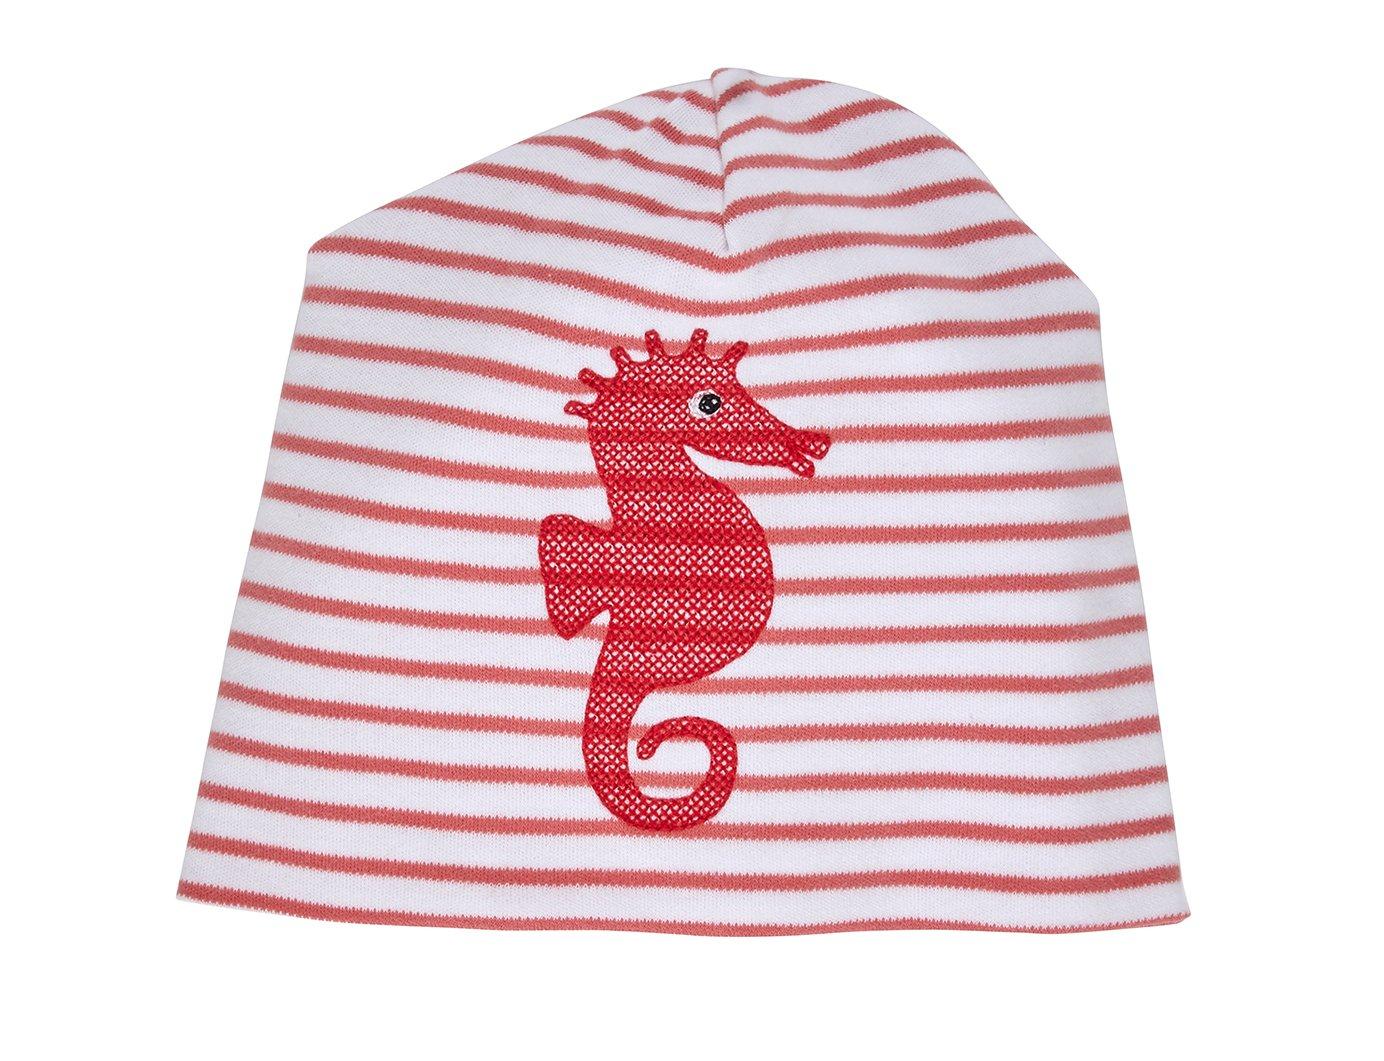 Image of Mütze rot gestreift mit Seepferdchen